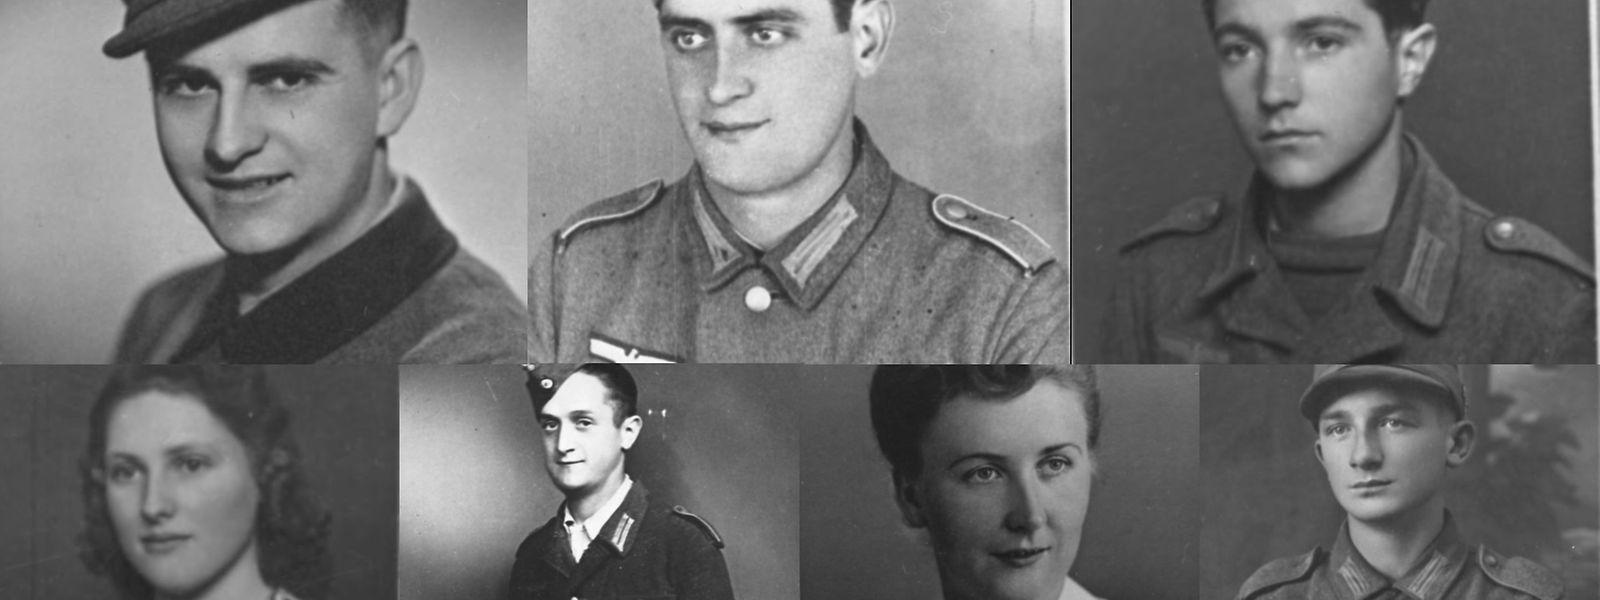 Das Logo des Warlux-Projektes enthält Bilder von Personen aus Luxemburg, die während des Zweiten Weltkriegs gestorben sind. Diese Menschen stehen exemplarisch für individuelle Lebensgeschichten.